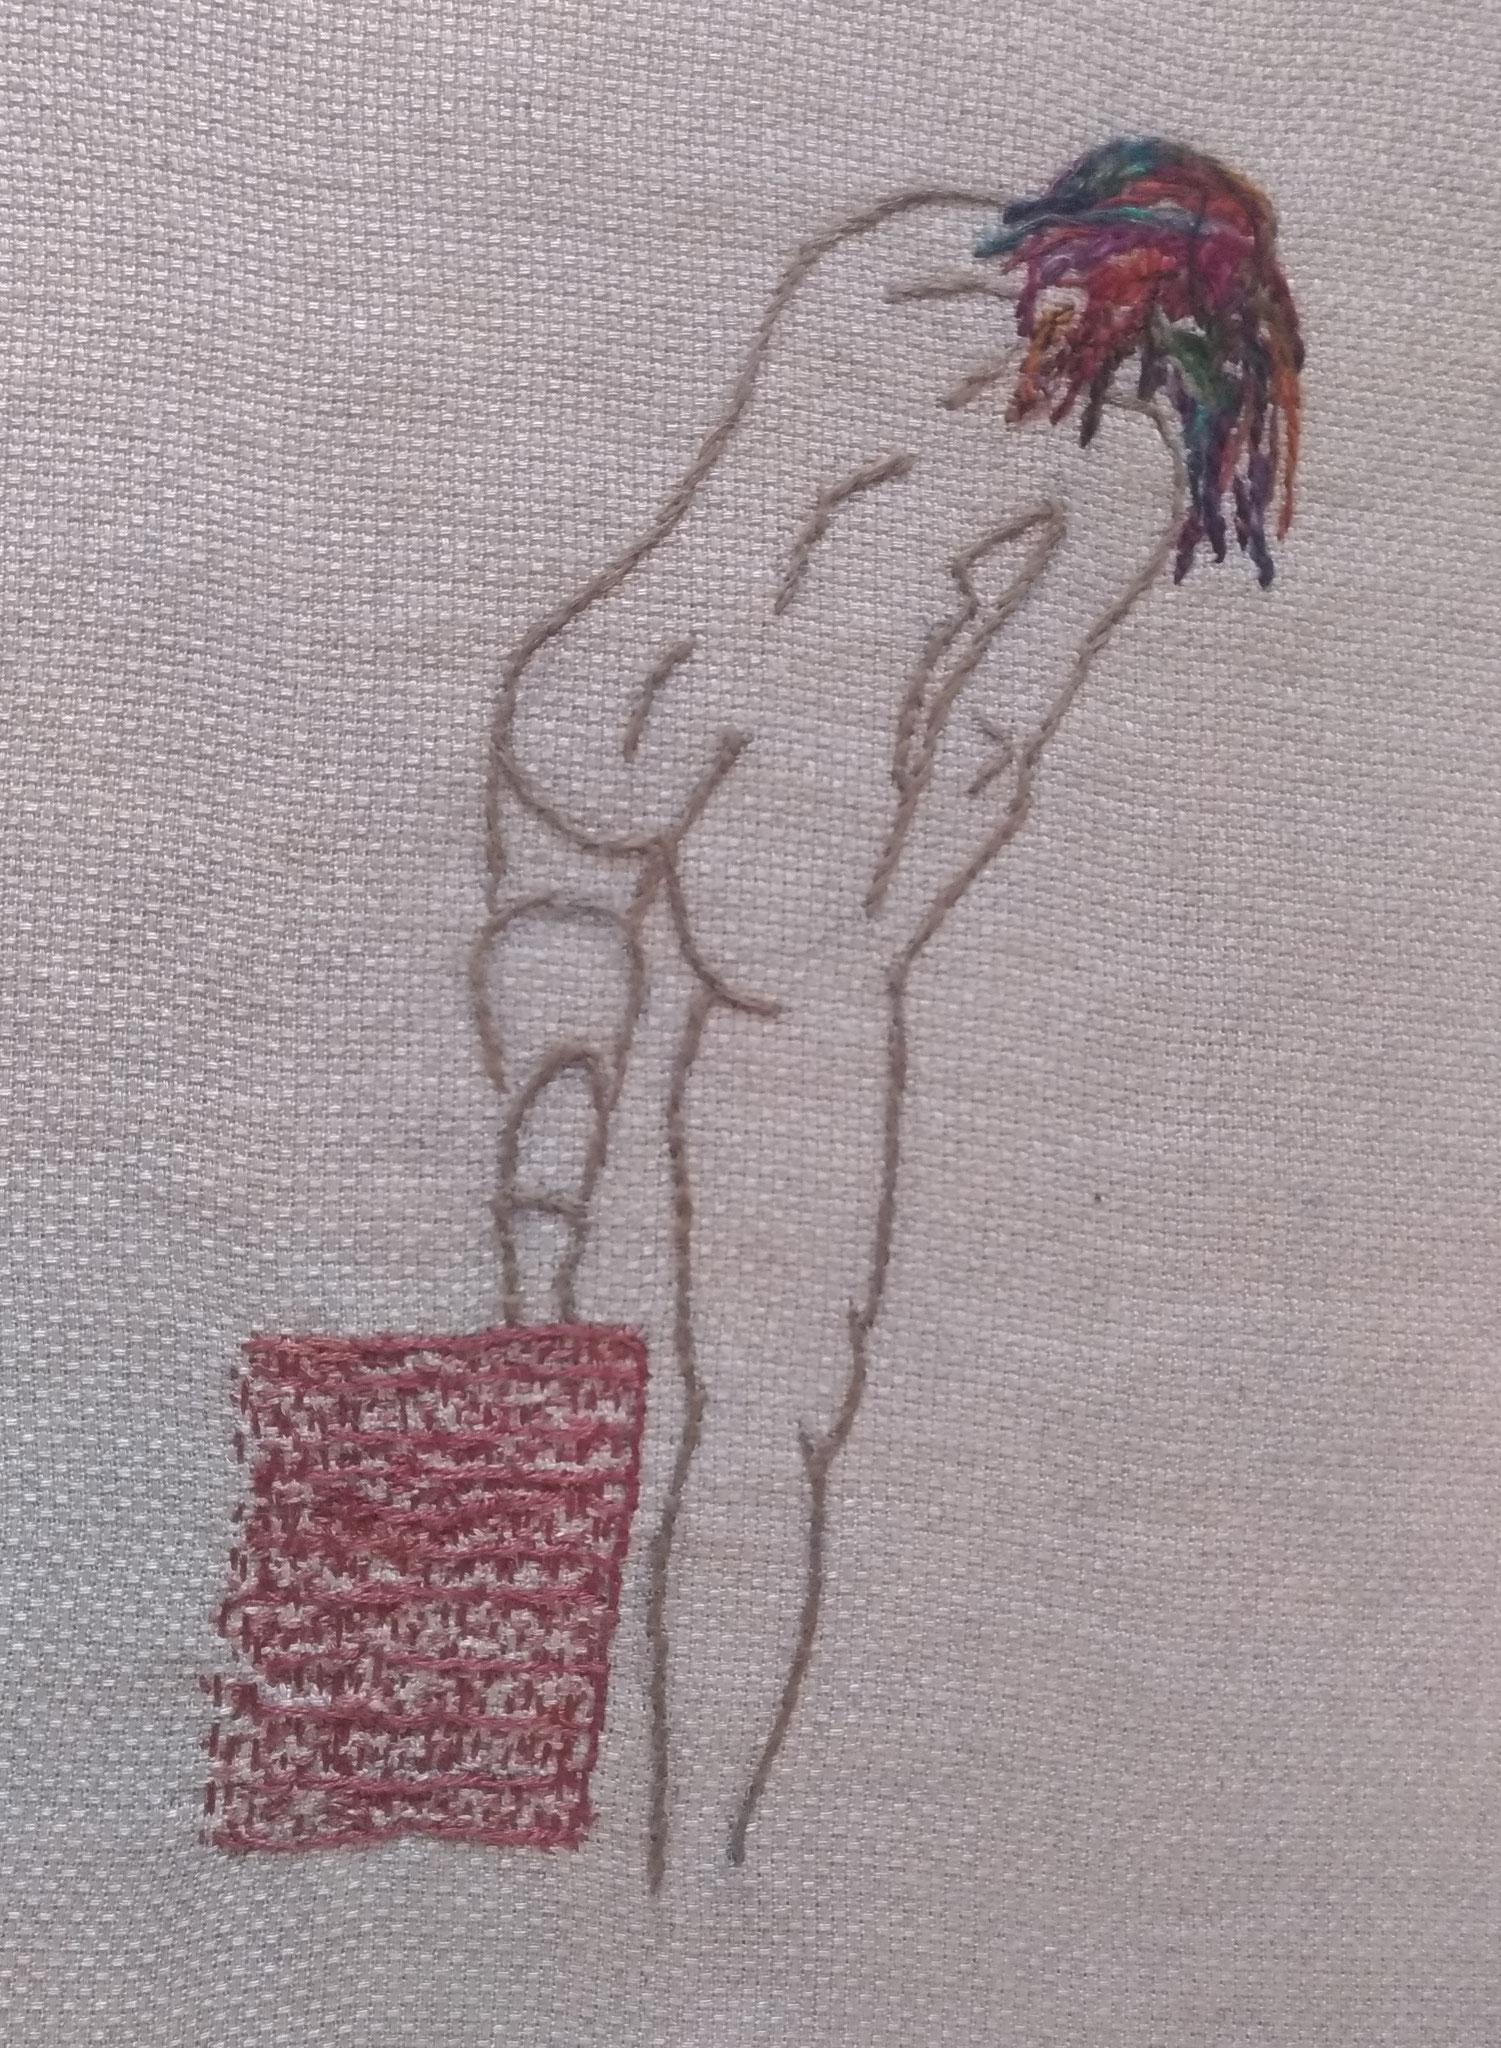 Fil de coton sur tissu en coton - diamètre 23cm